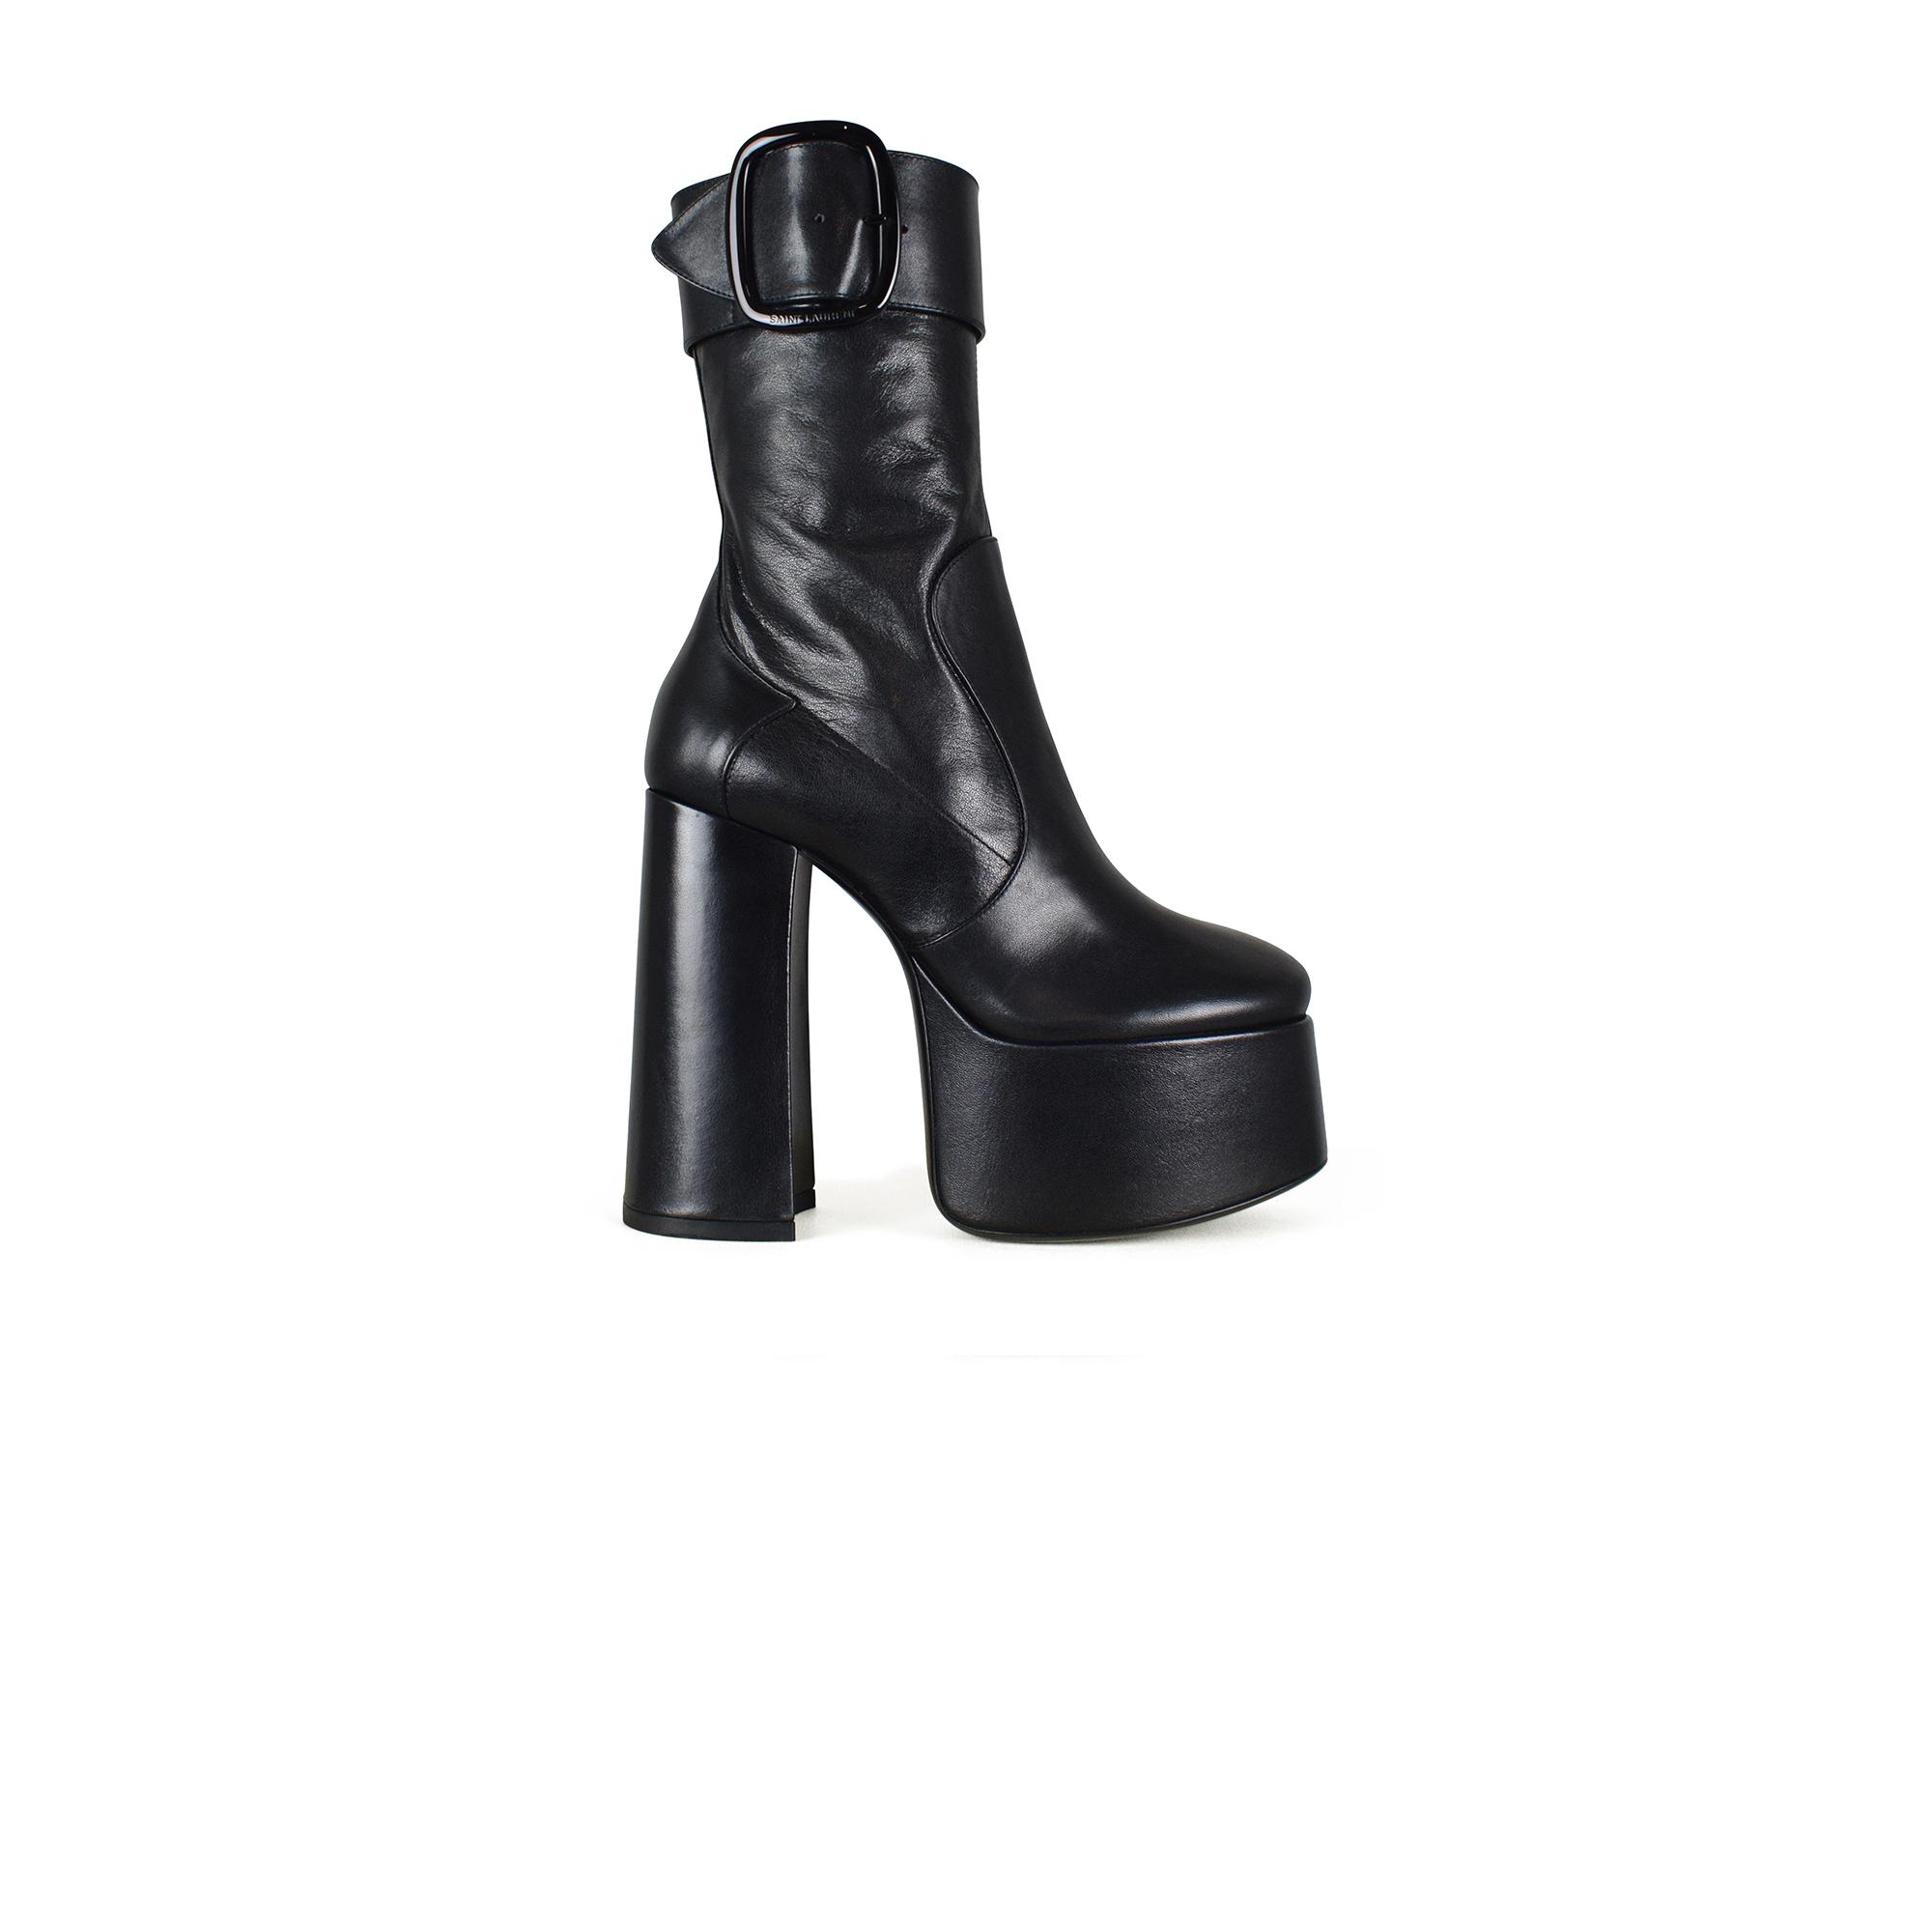 Bottines Billy Saint Laurent en cuir noir à plateforme.